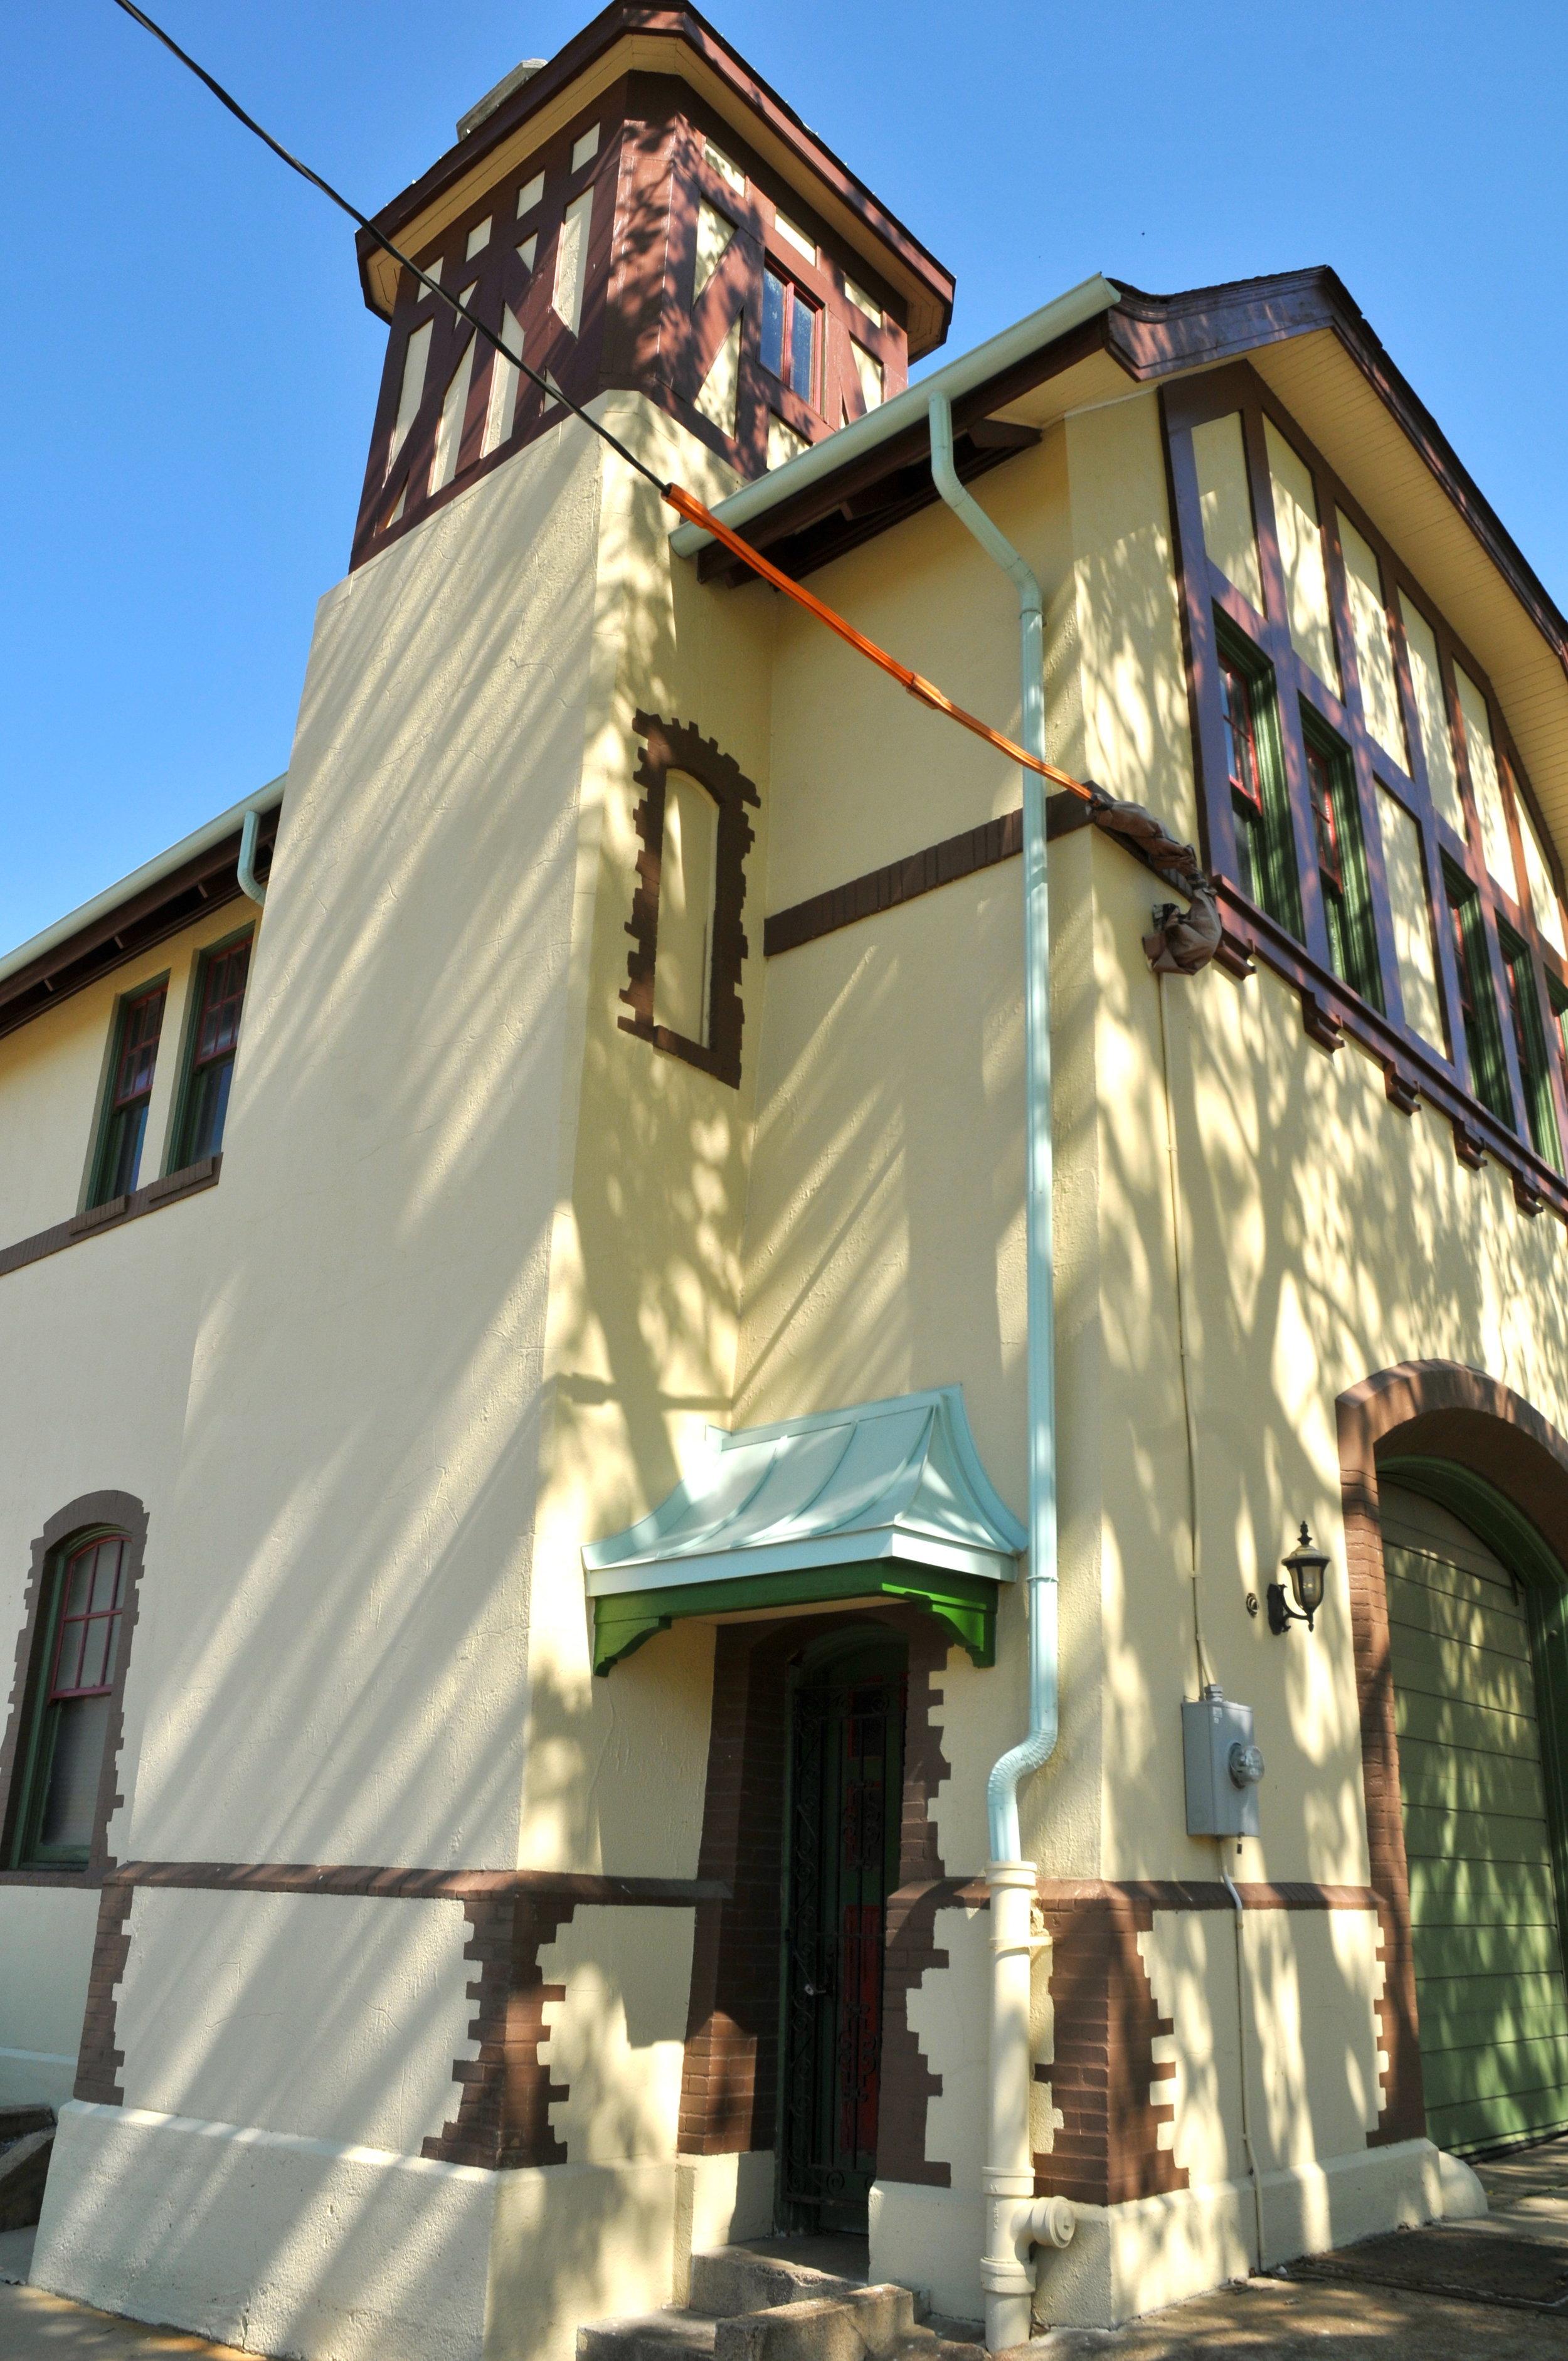 Old #3 - Marine Villa